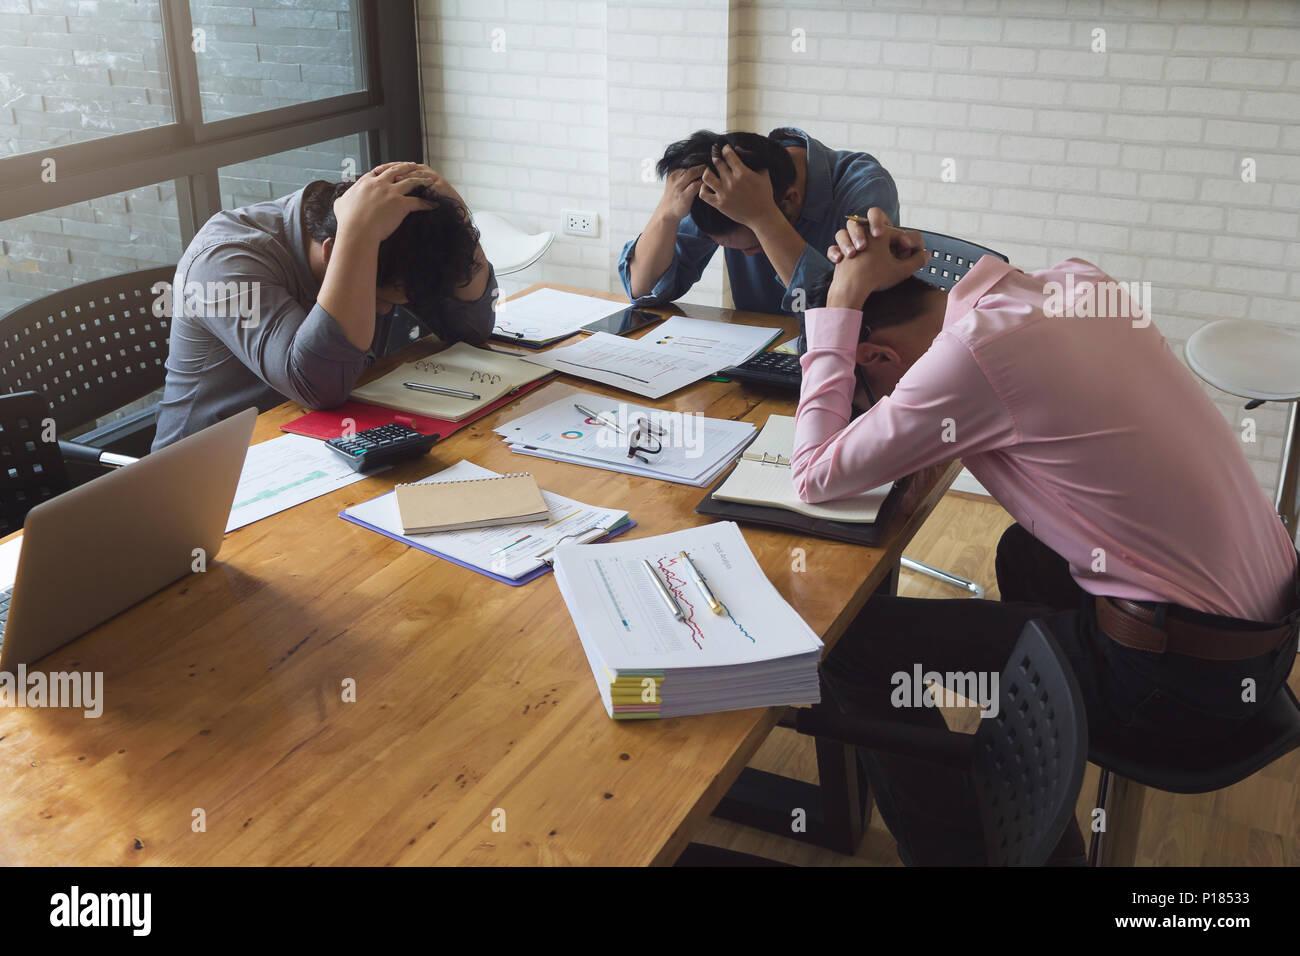 Negocios y Finanzas el concepto de trabajo de la oficina de empresarios,trató de trabajar duro y estrés con nuevo proyecto oficina plazo faltante Imagen De Stock